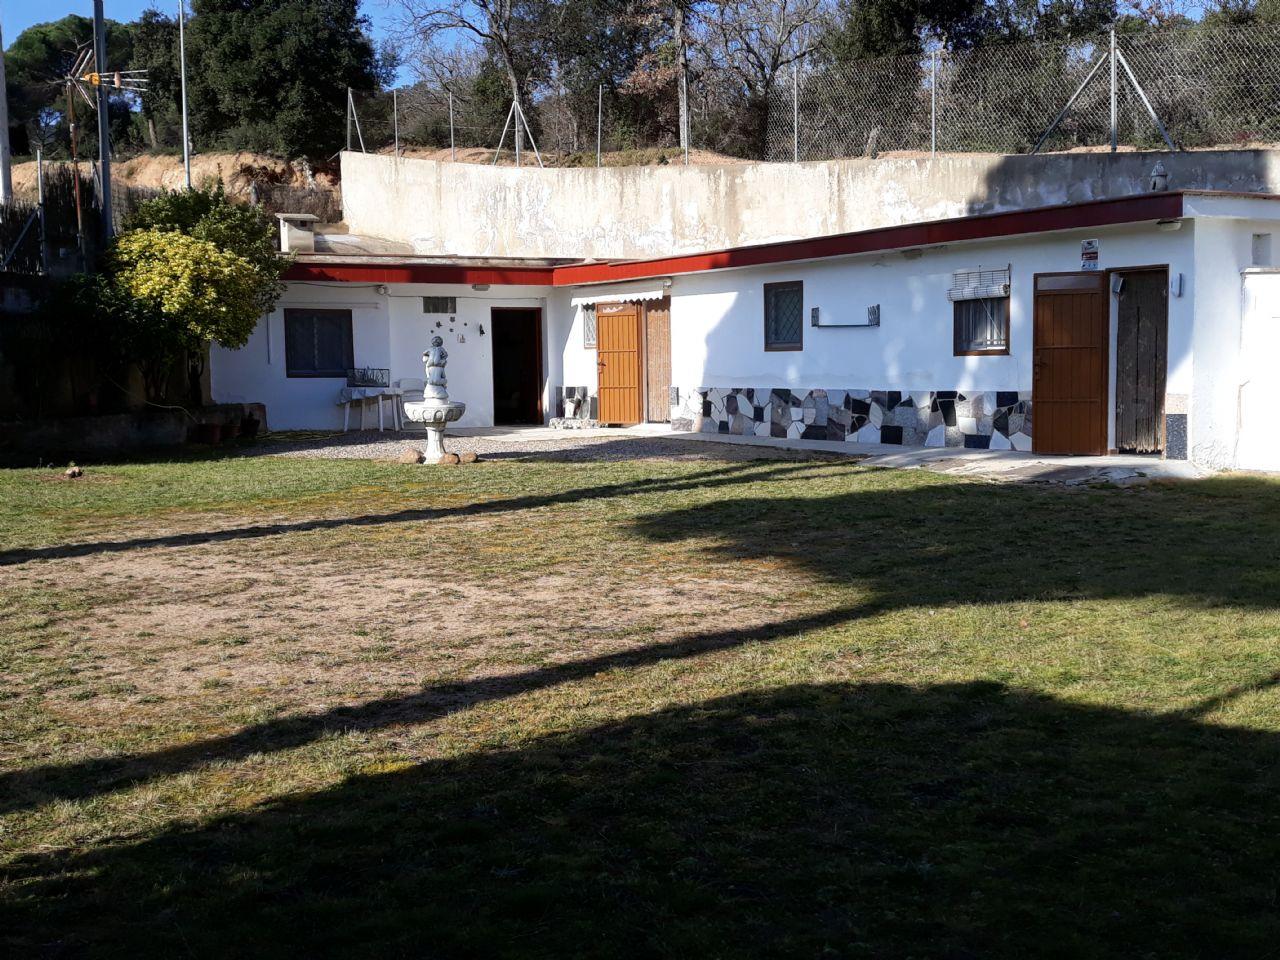 Casa  Agora park